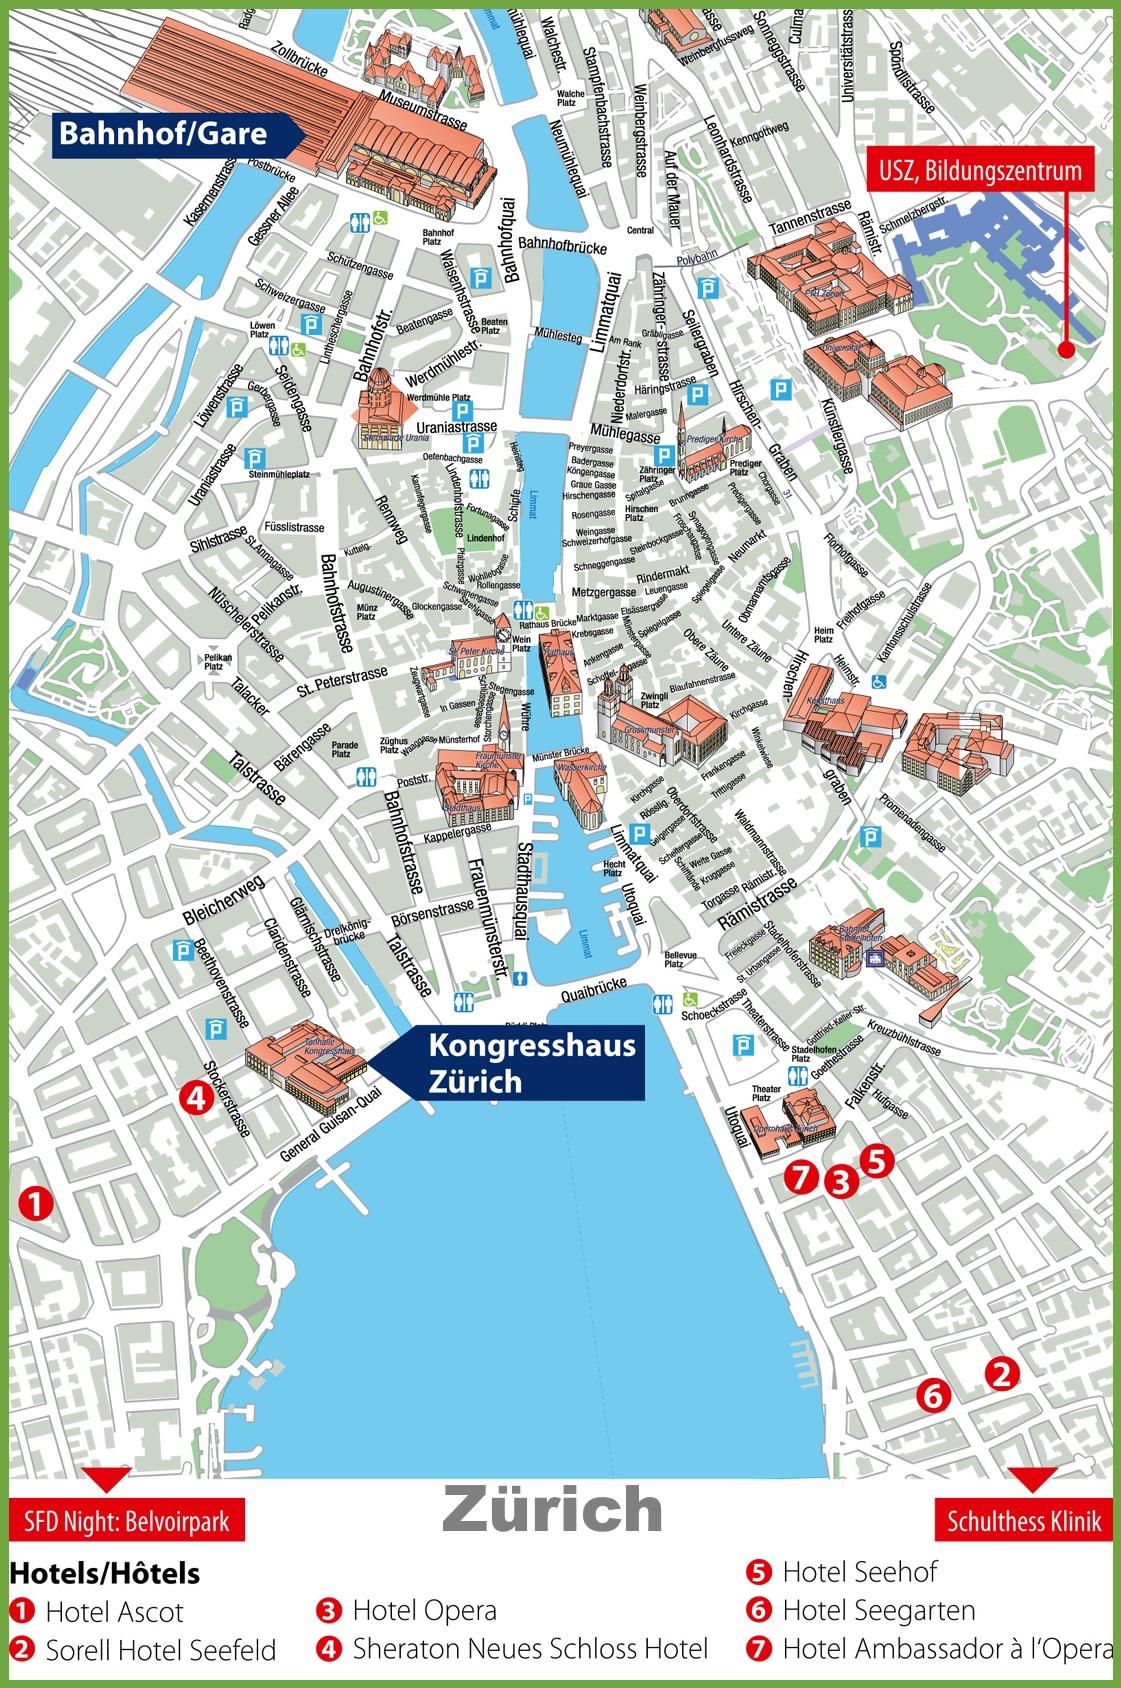 Zürich city center map